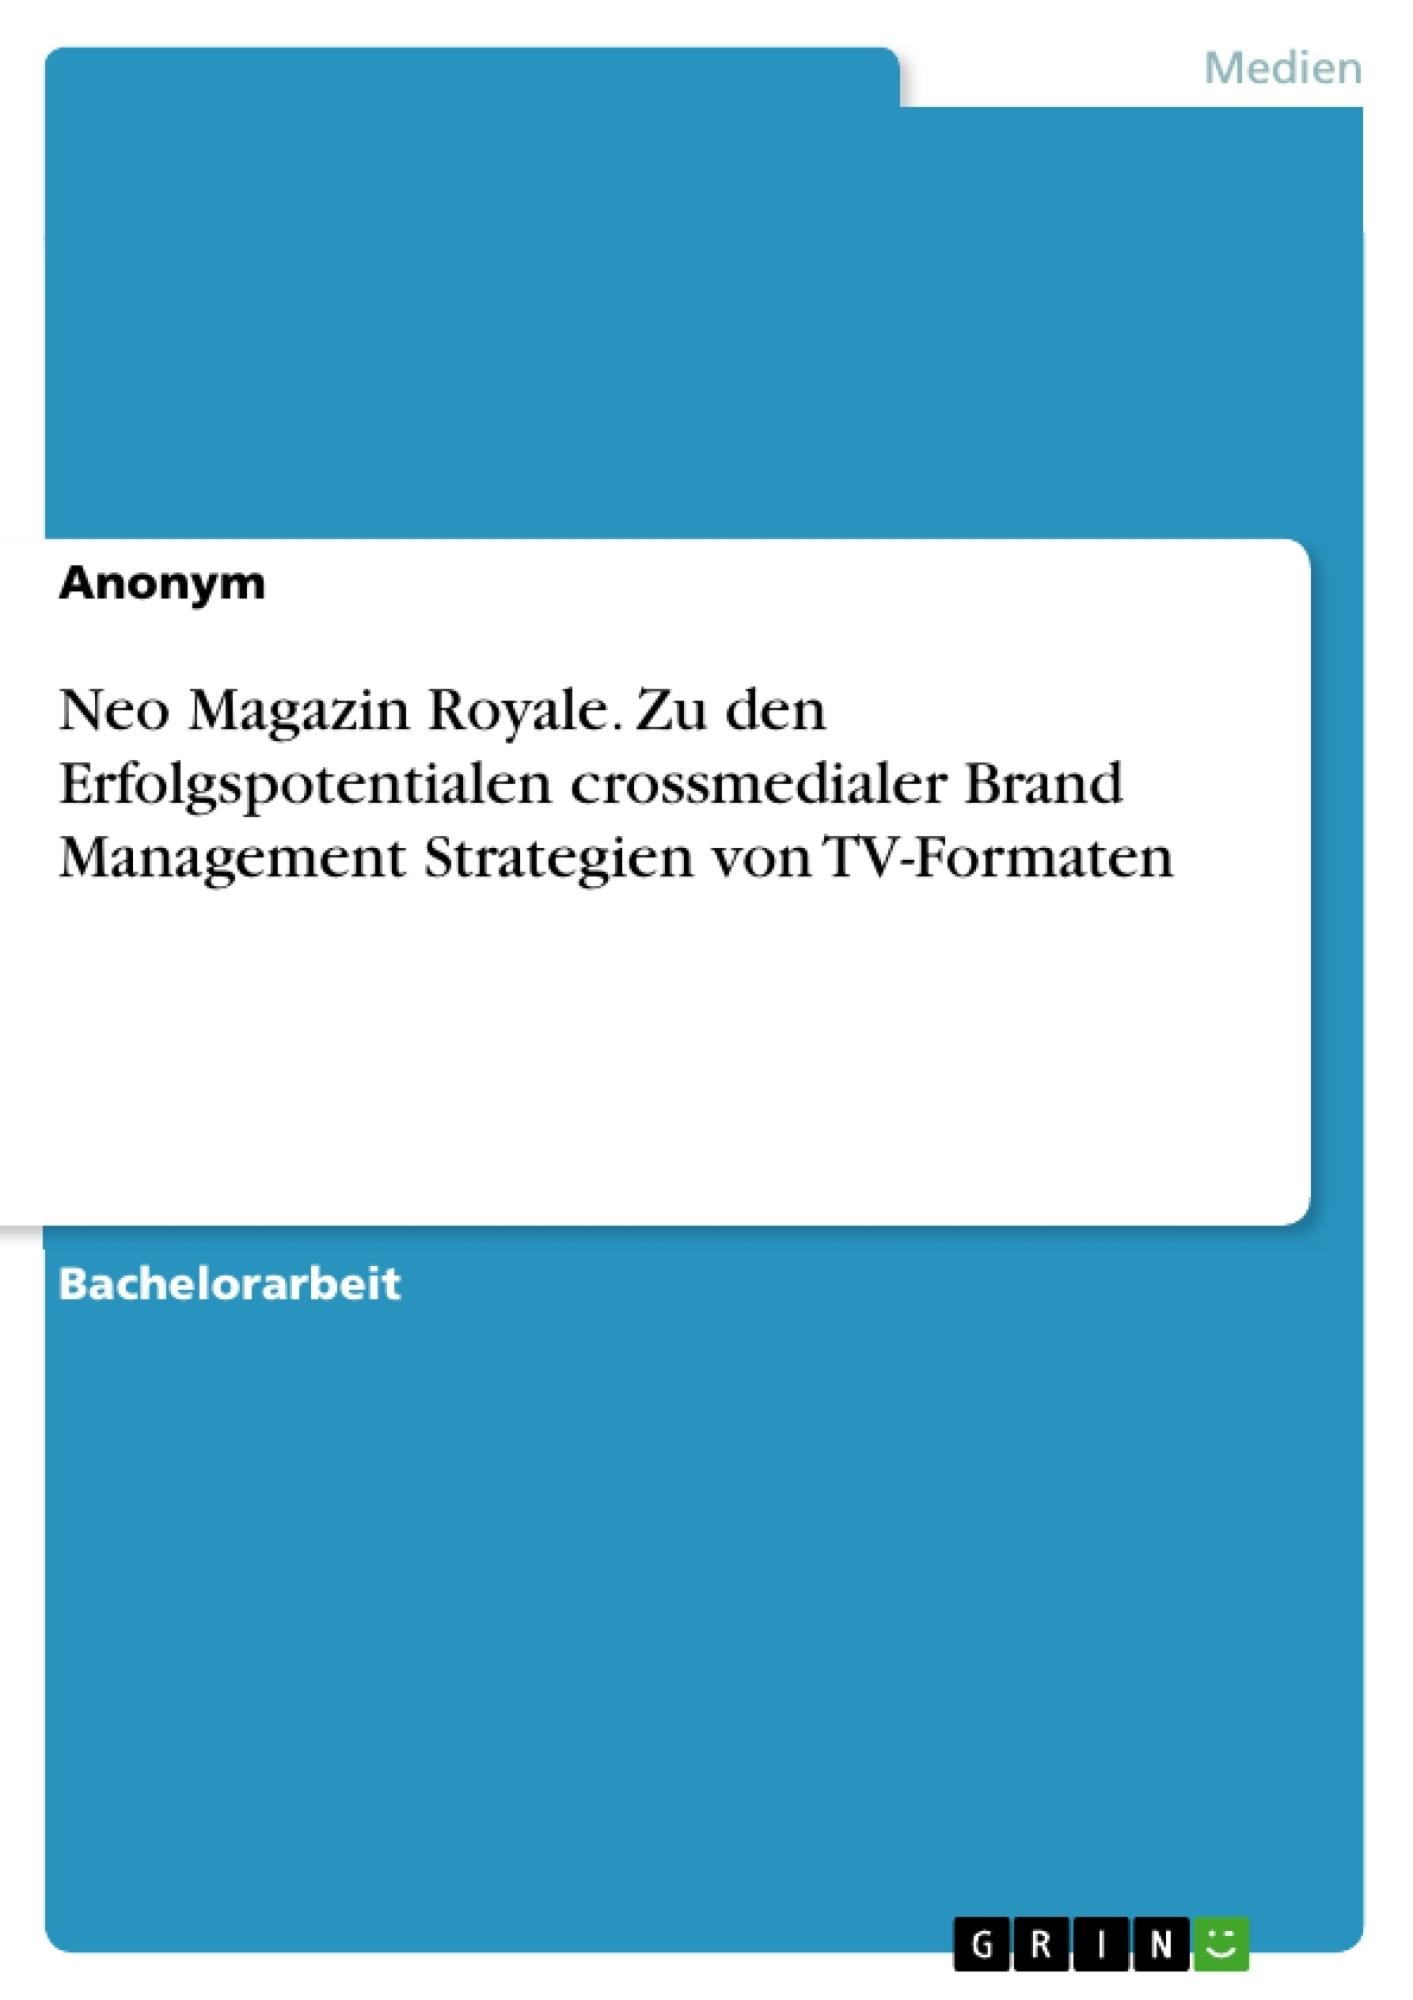 Titel: Neo Magazin Royale. Zu den Erfolgspotentialen crossmedialer Brand Management Strategien von TV-Formaten